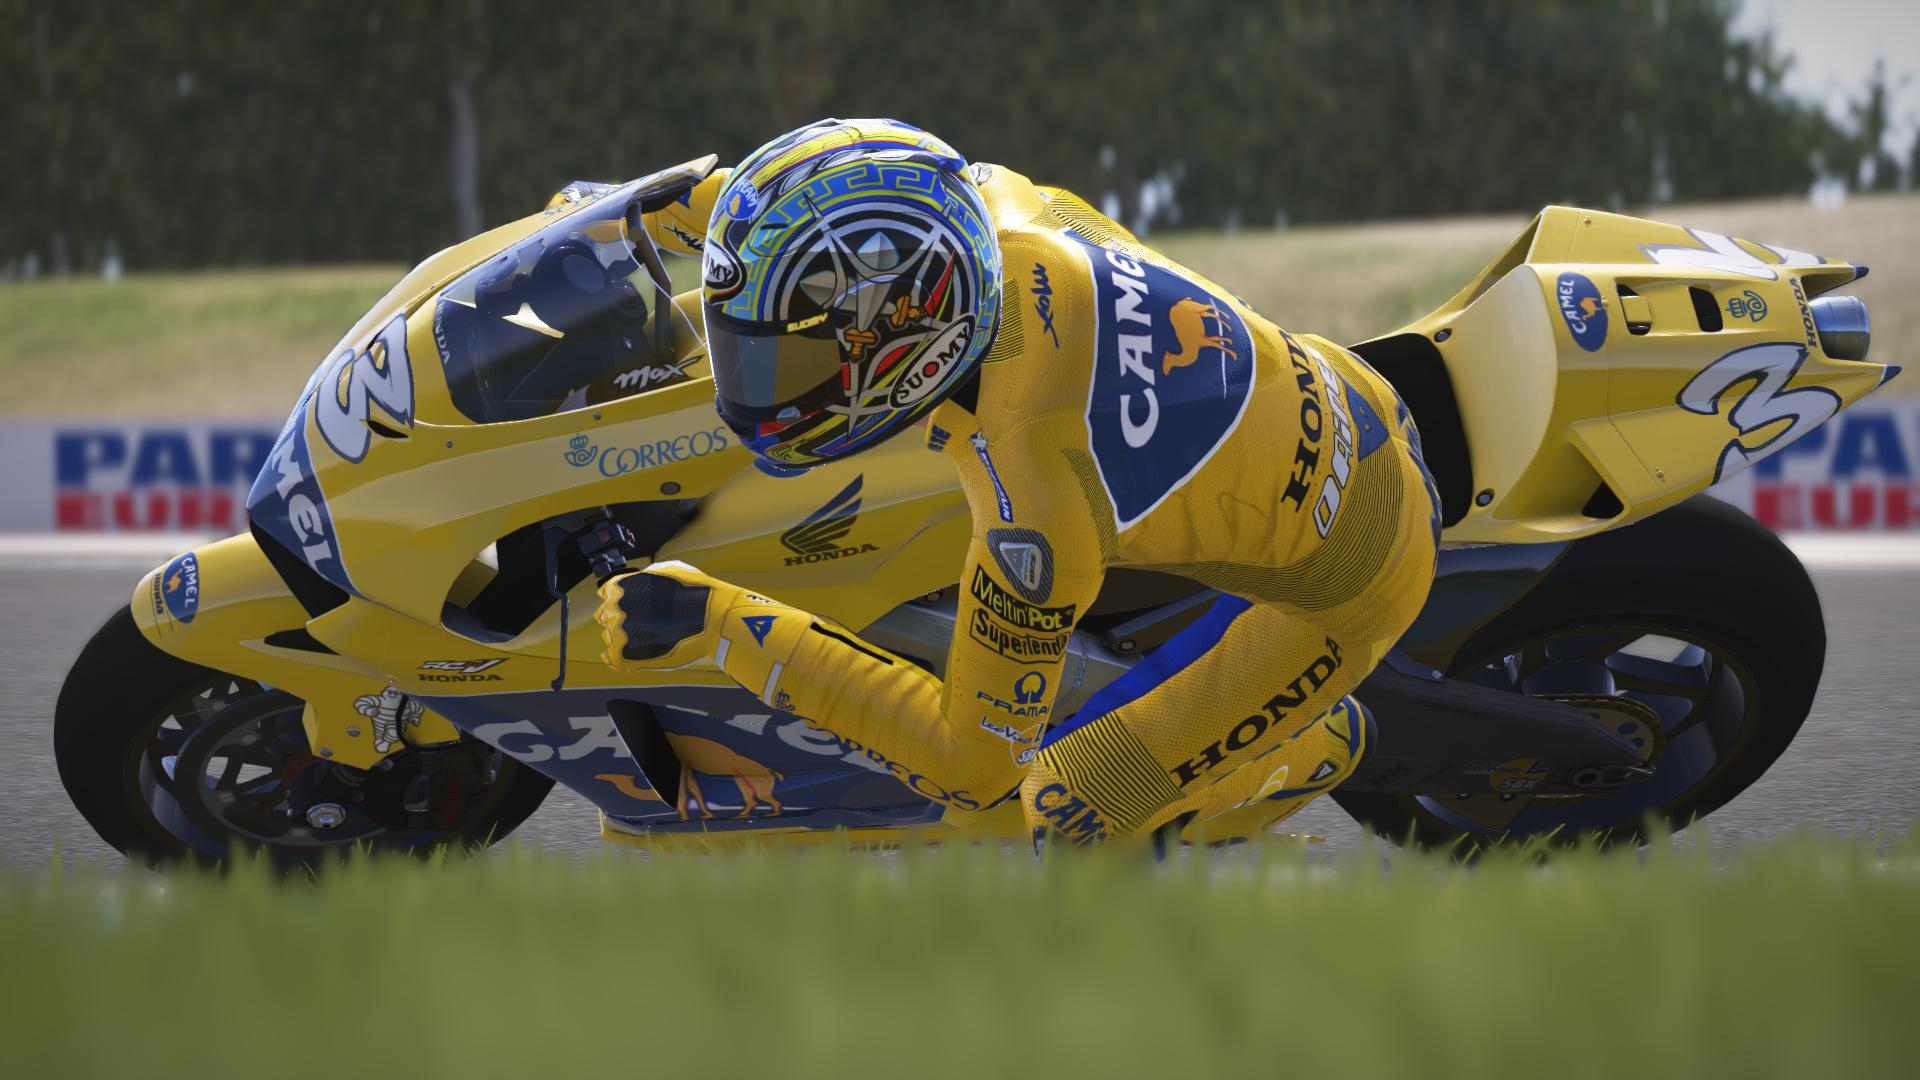 MotoGP17 2017-06-23 15-16-15-56.jpg